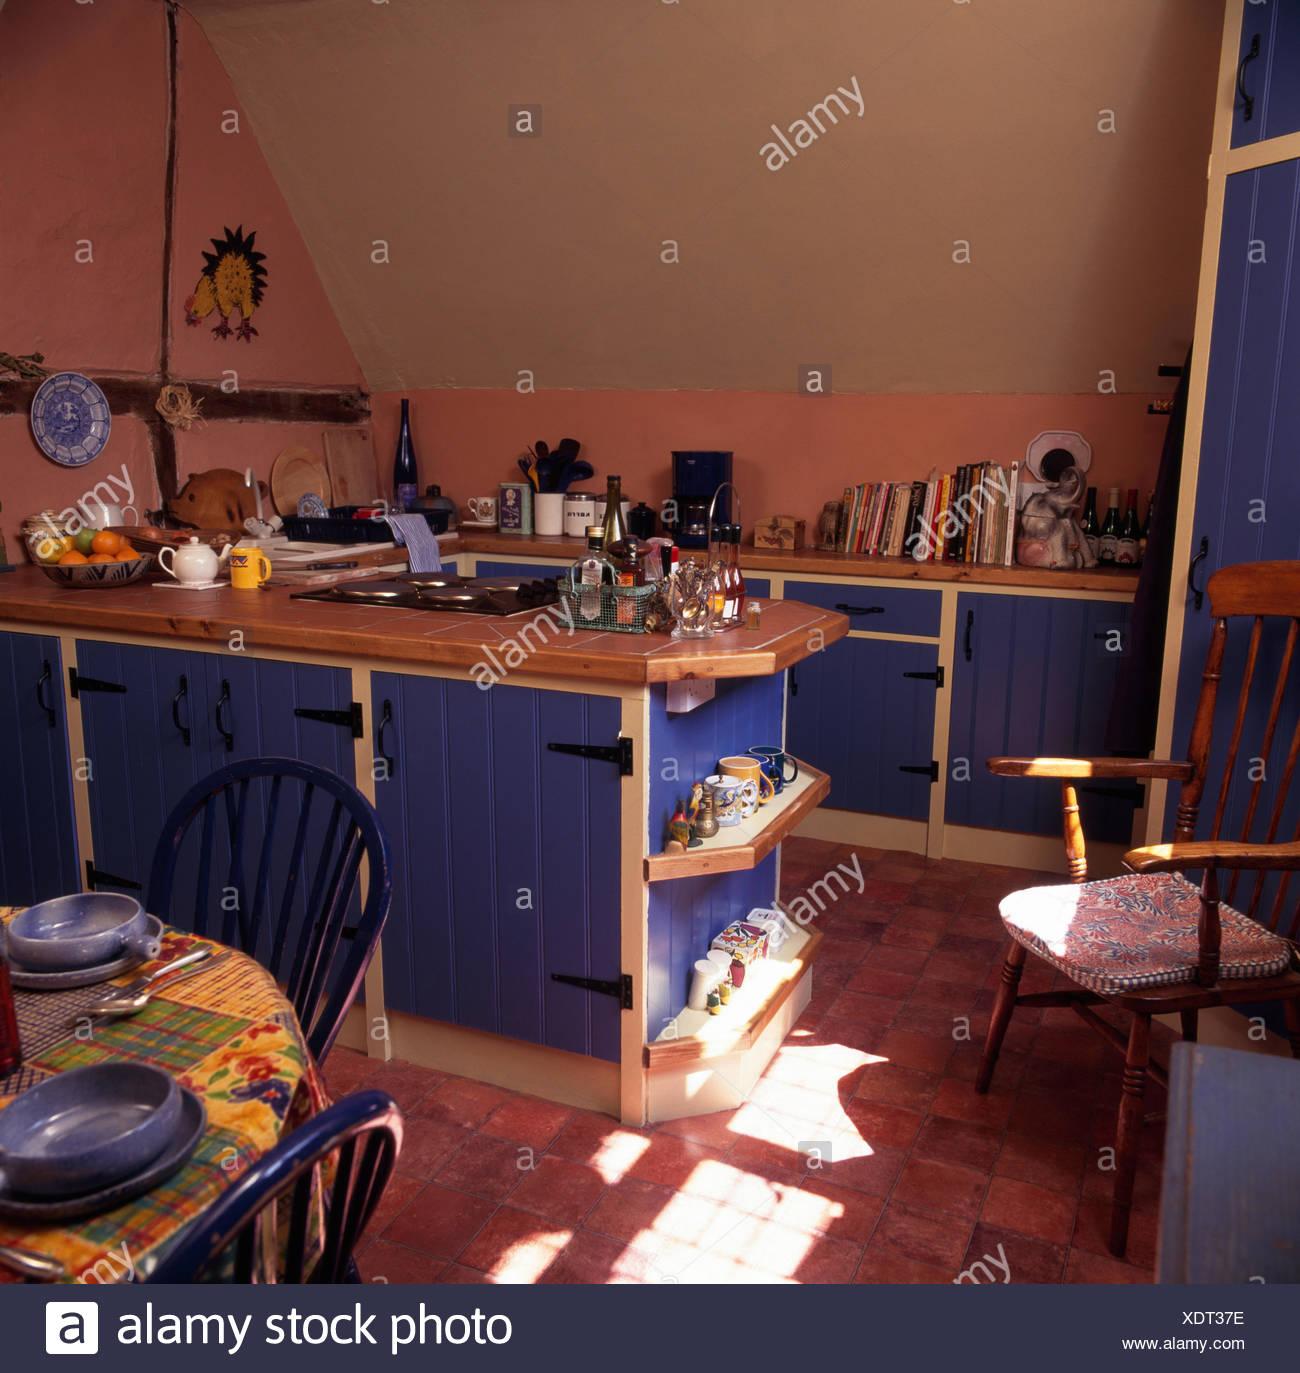 Fantastisch Blaue Tür Küche Galerie - Küchenschrank Ideen ...